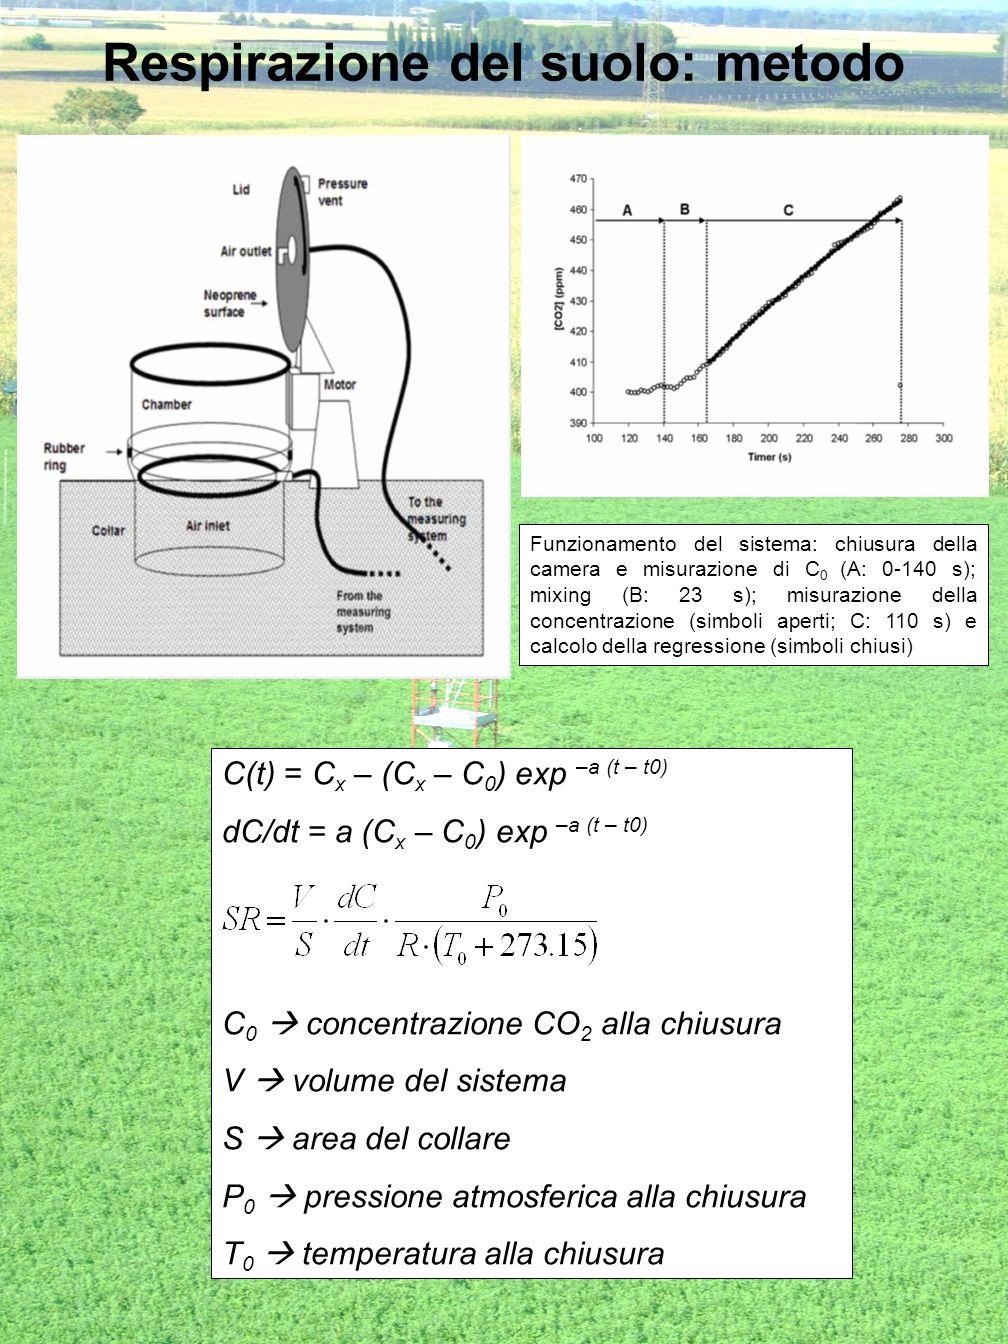 Respirazione del suolo: metodo Funzionamento del sistema: chiusura della camera e misurazione di C 0 (A: 0-140 s); mixing (B: 23 s); misurazione della